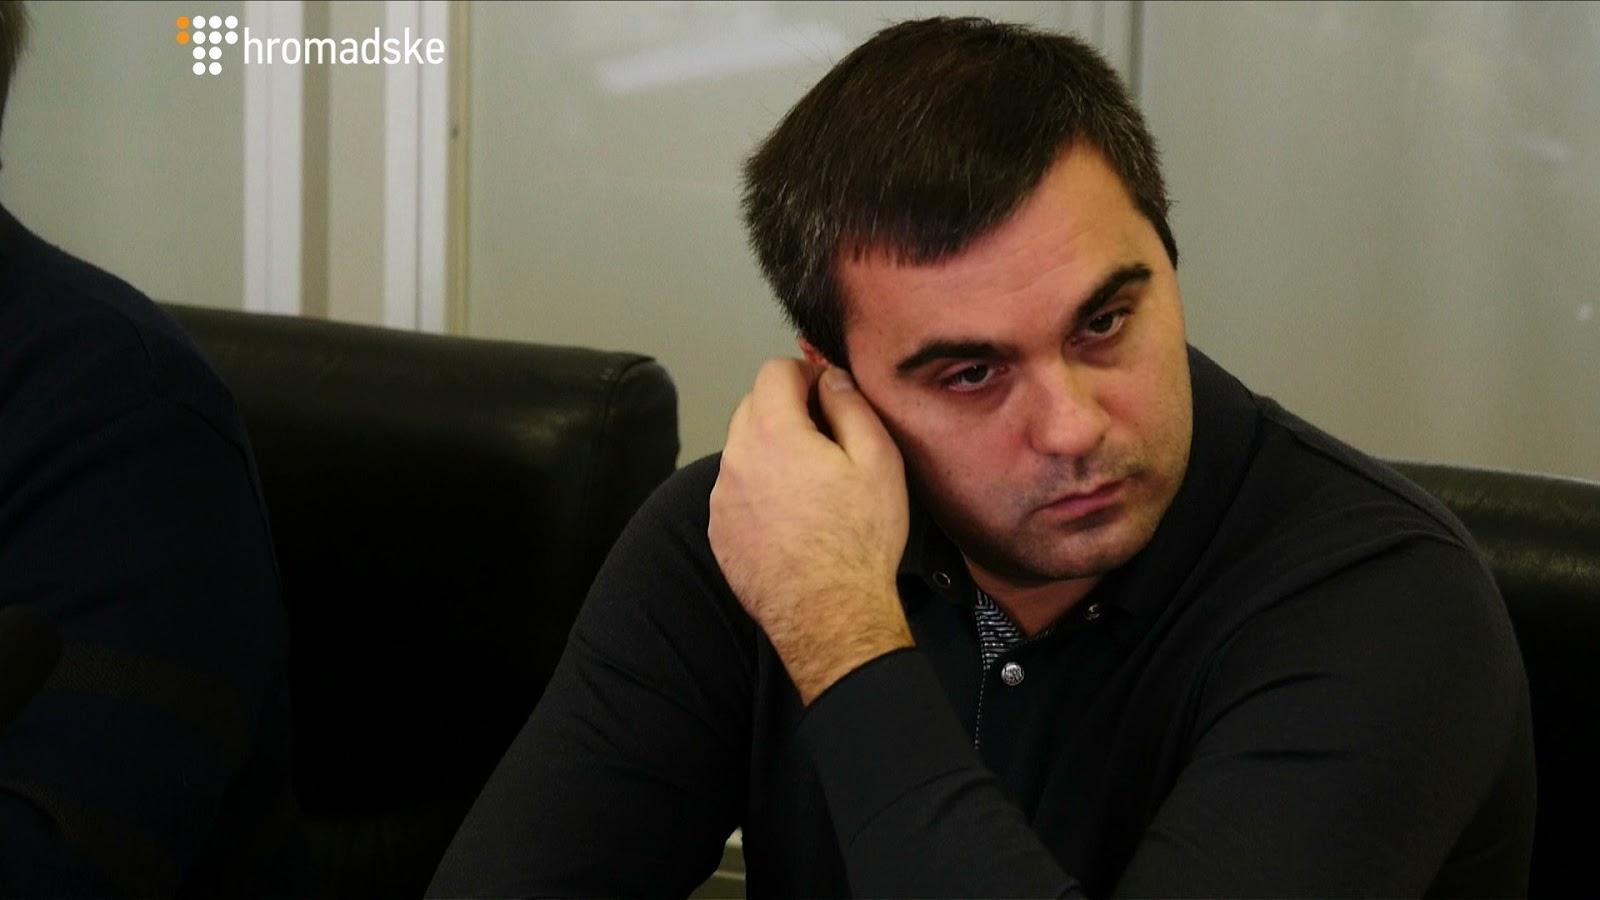 Бандит Николай Щур пока жив и на свободе только потому, что МВД возглавлют его «коллеги»